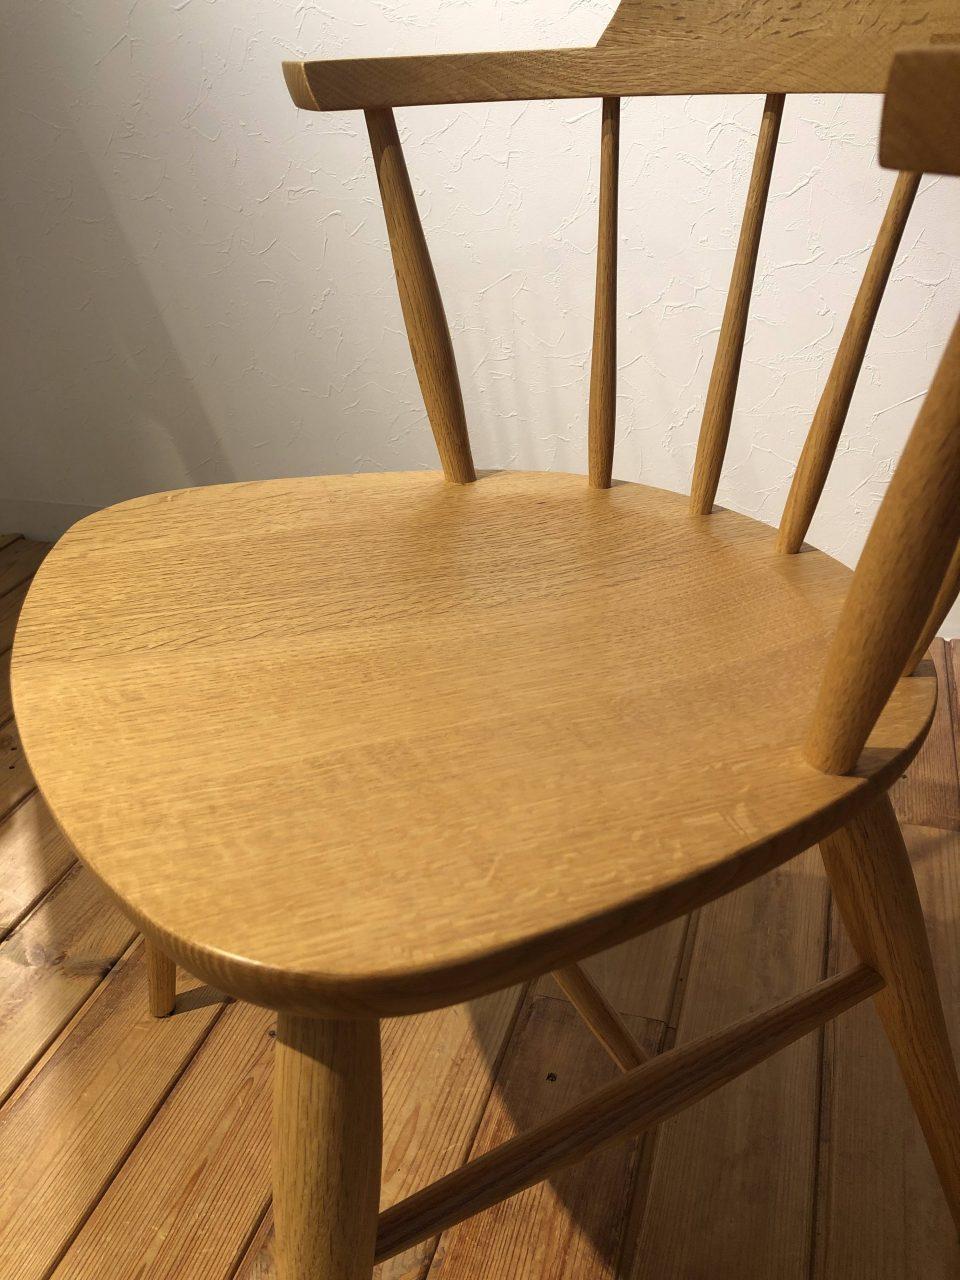 新潟市の家具店ボー・デコールでは、板座の椅子は座繰りが施され、座り心地が良いです